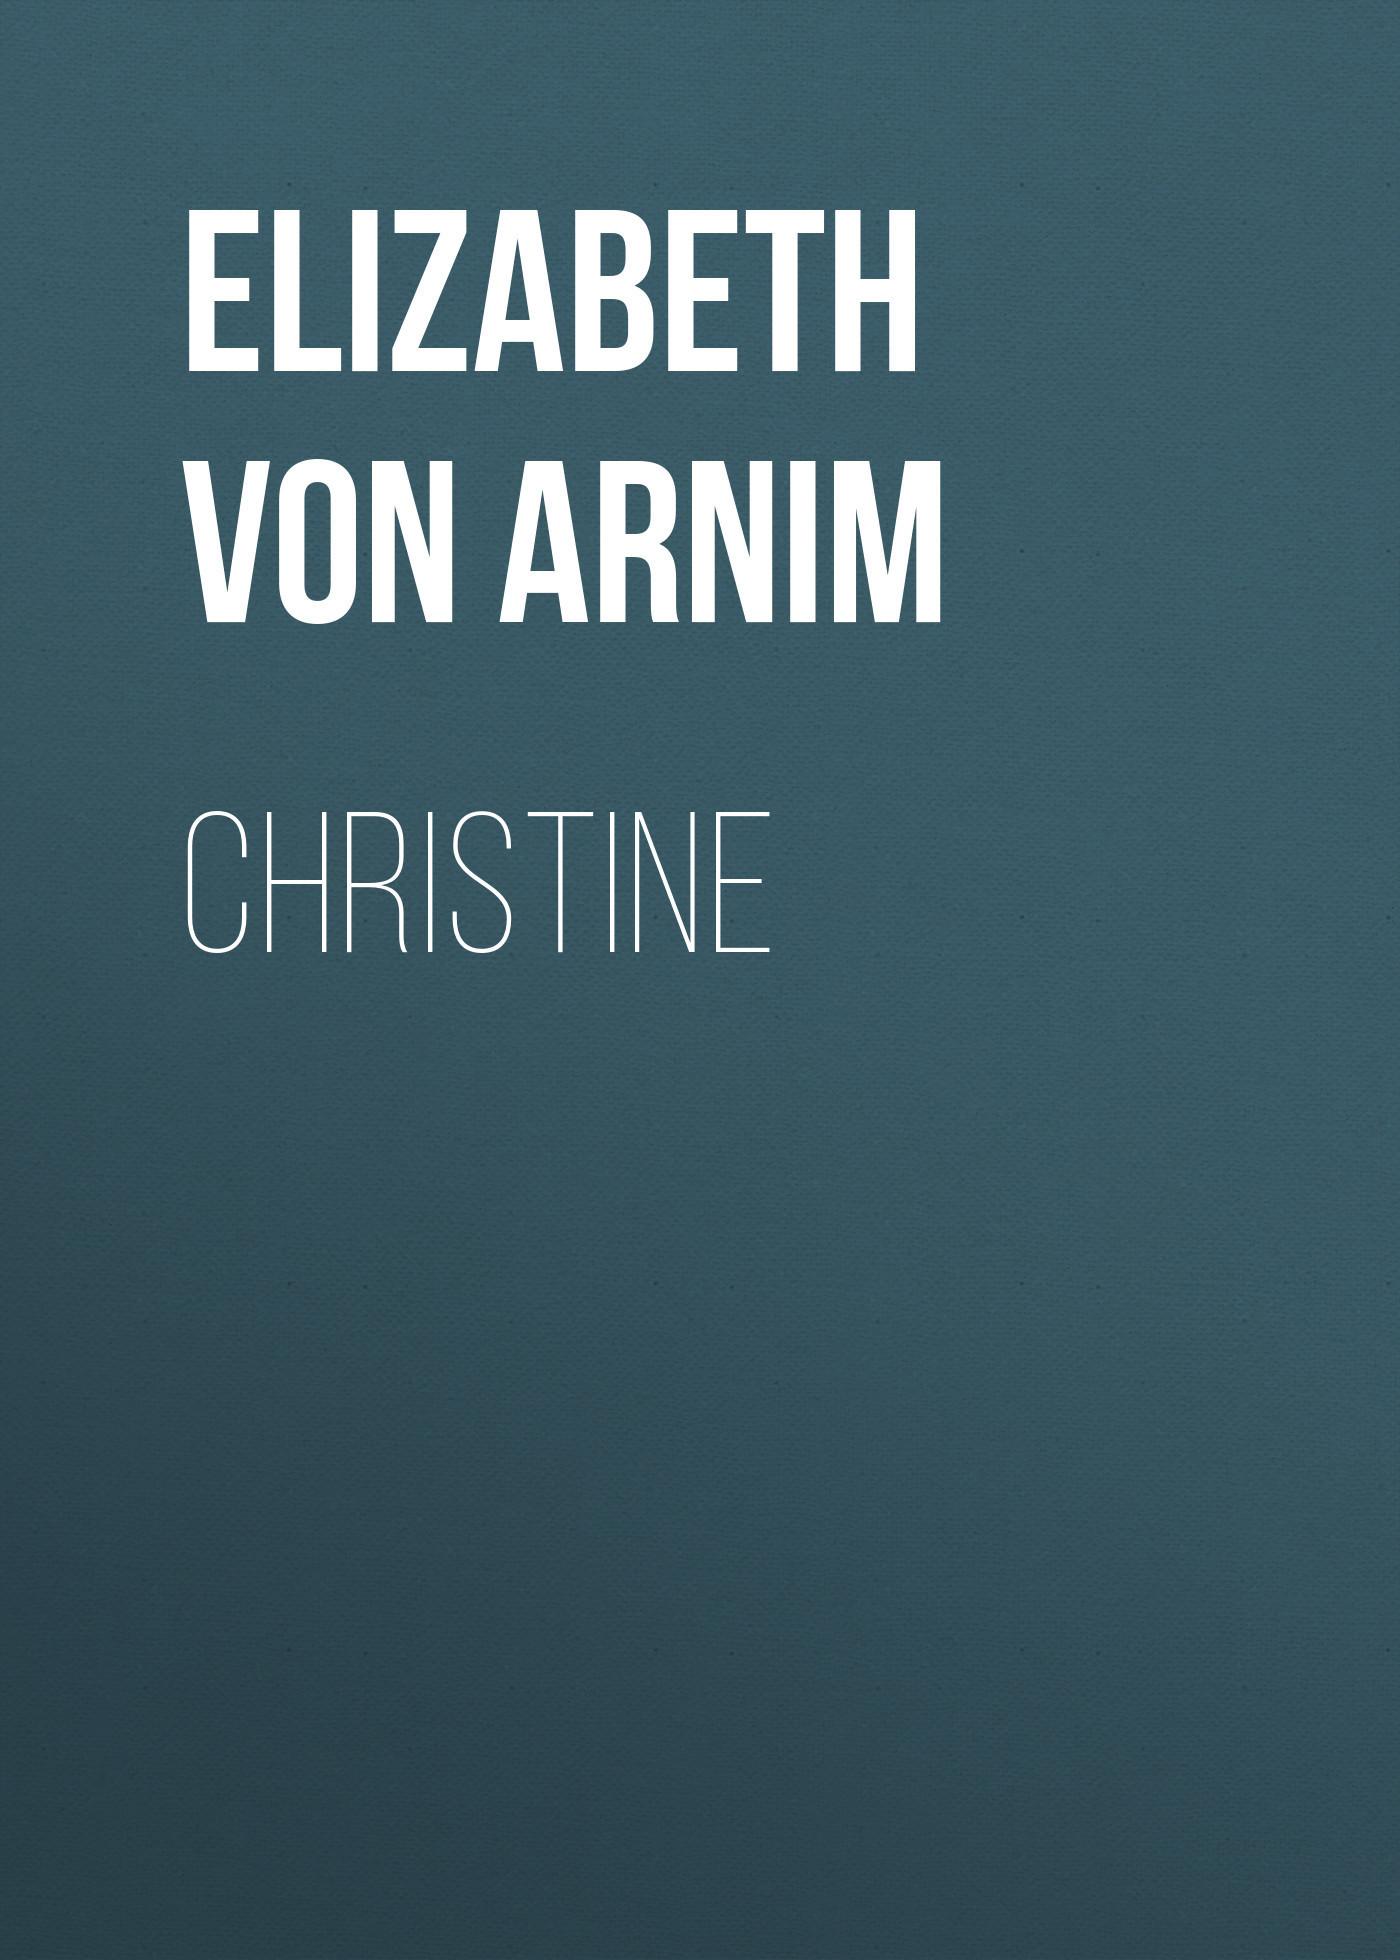 Christine/